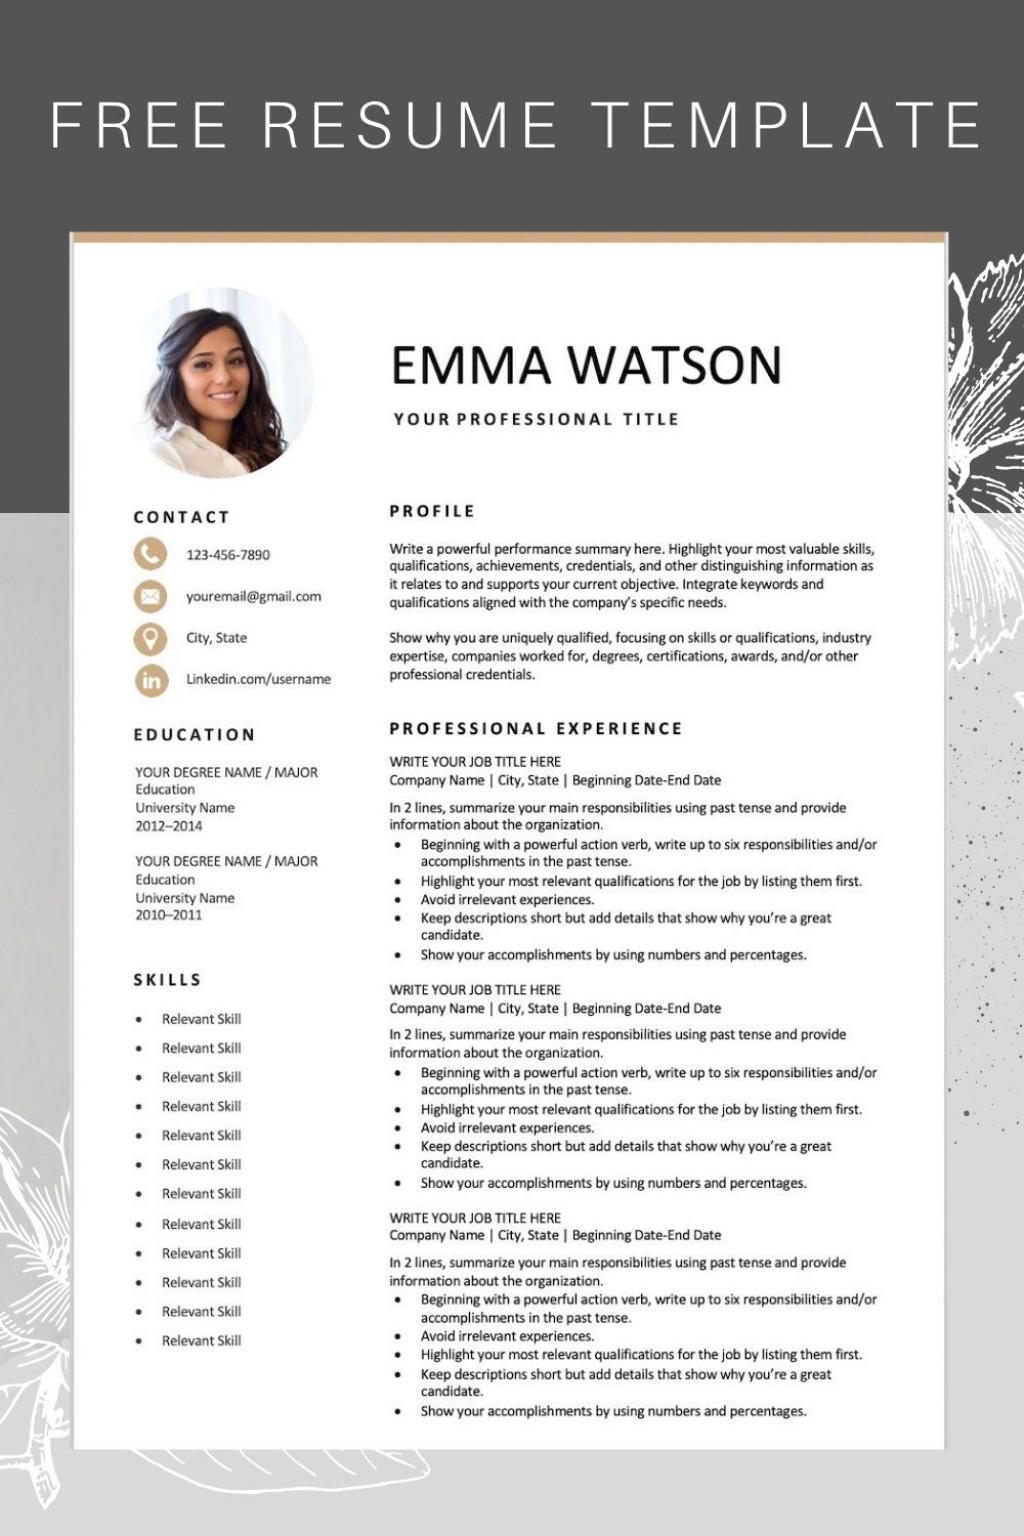 003 Shocking Free Download Resume Template Image  Templates Word 2019 Pdf 2020Large